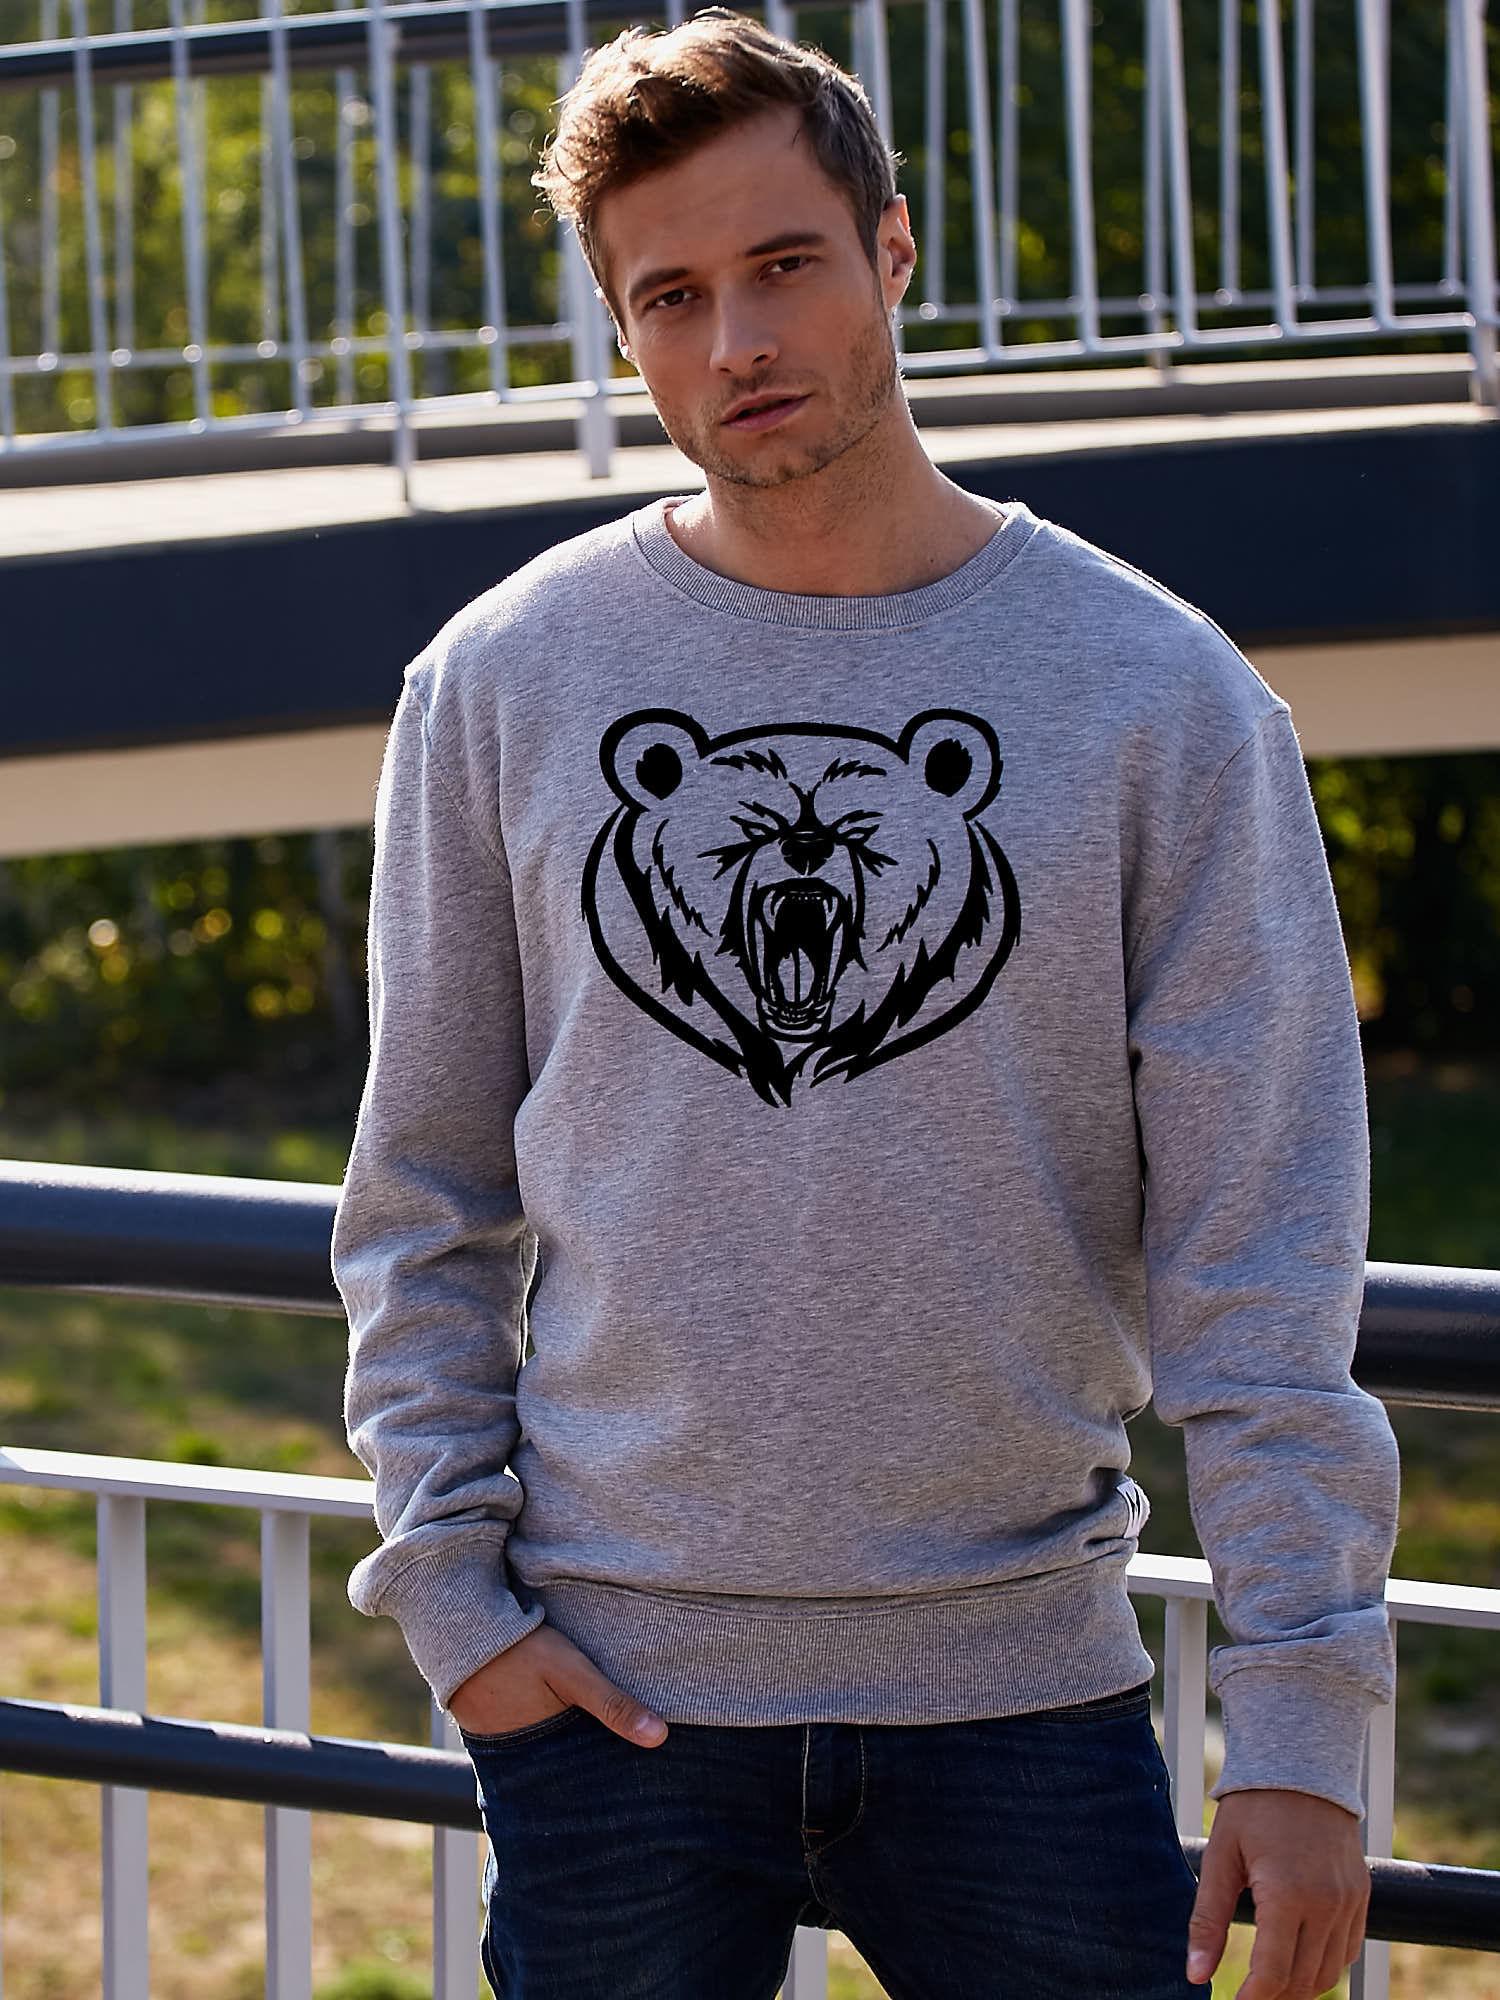 Szara bluza męska z niedźwiedziem                                  zdj.                                  1